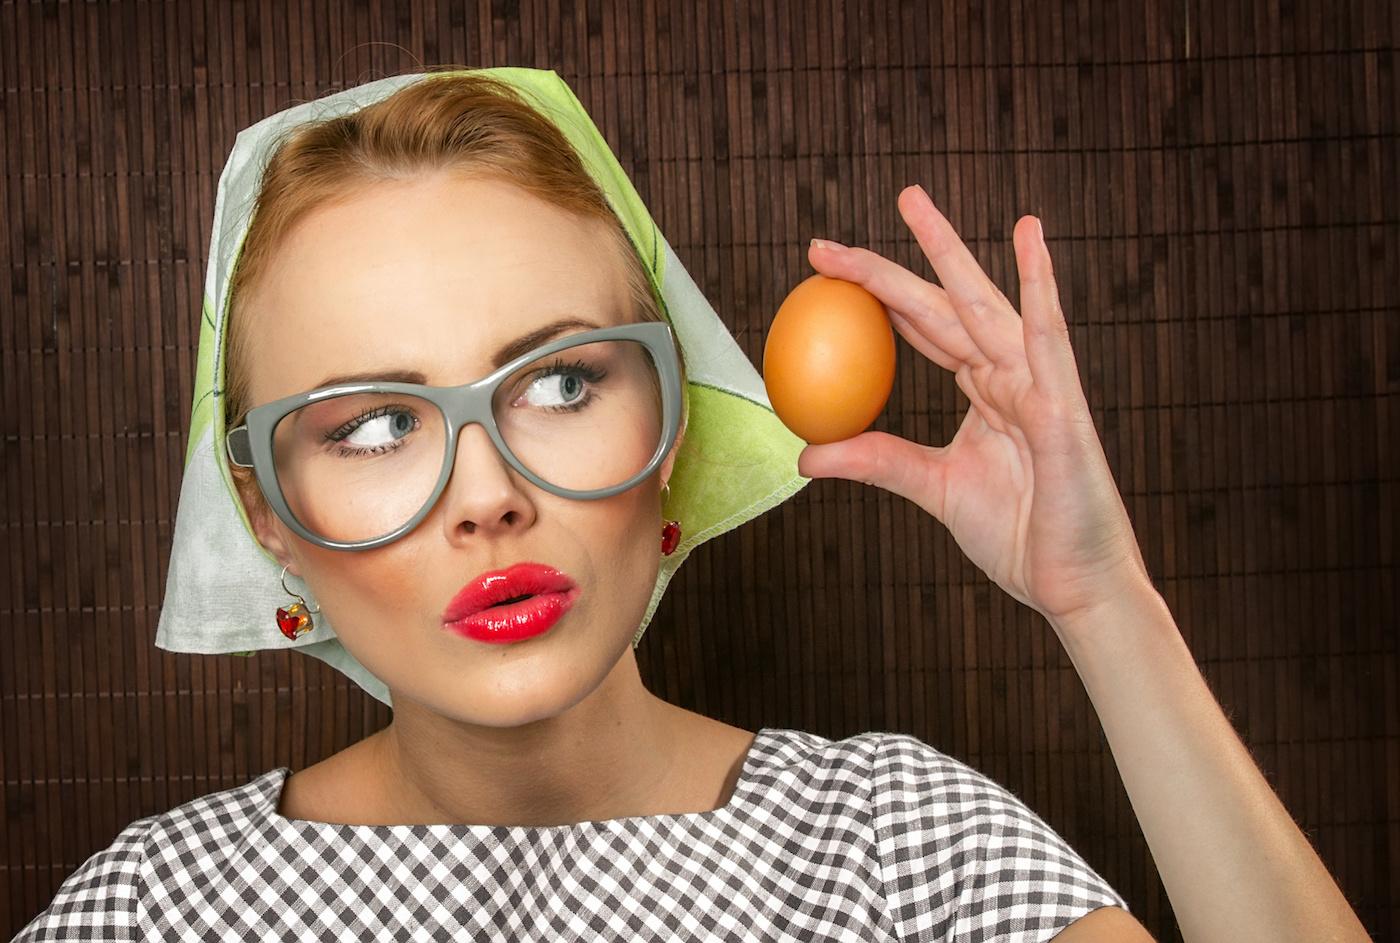 Яички в руке девушки, Русская красотка сжимает в руках мужские яйца и дает 12 фотография